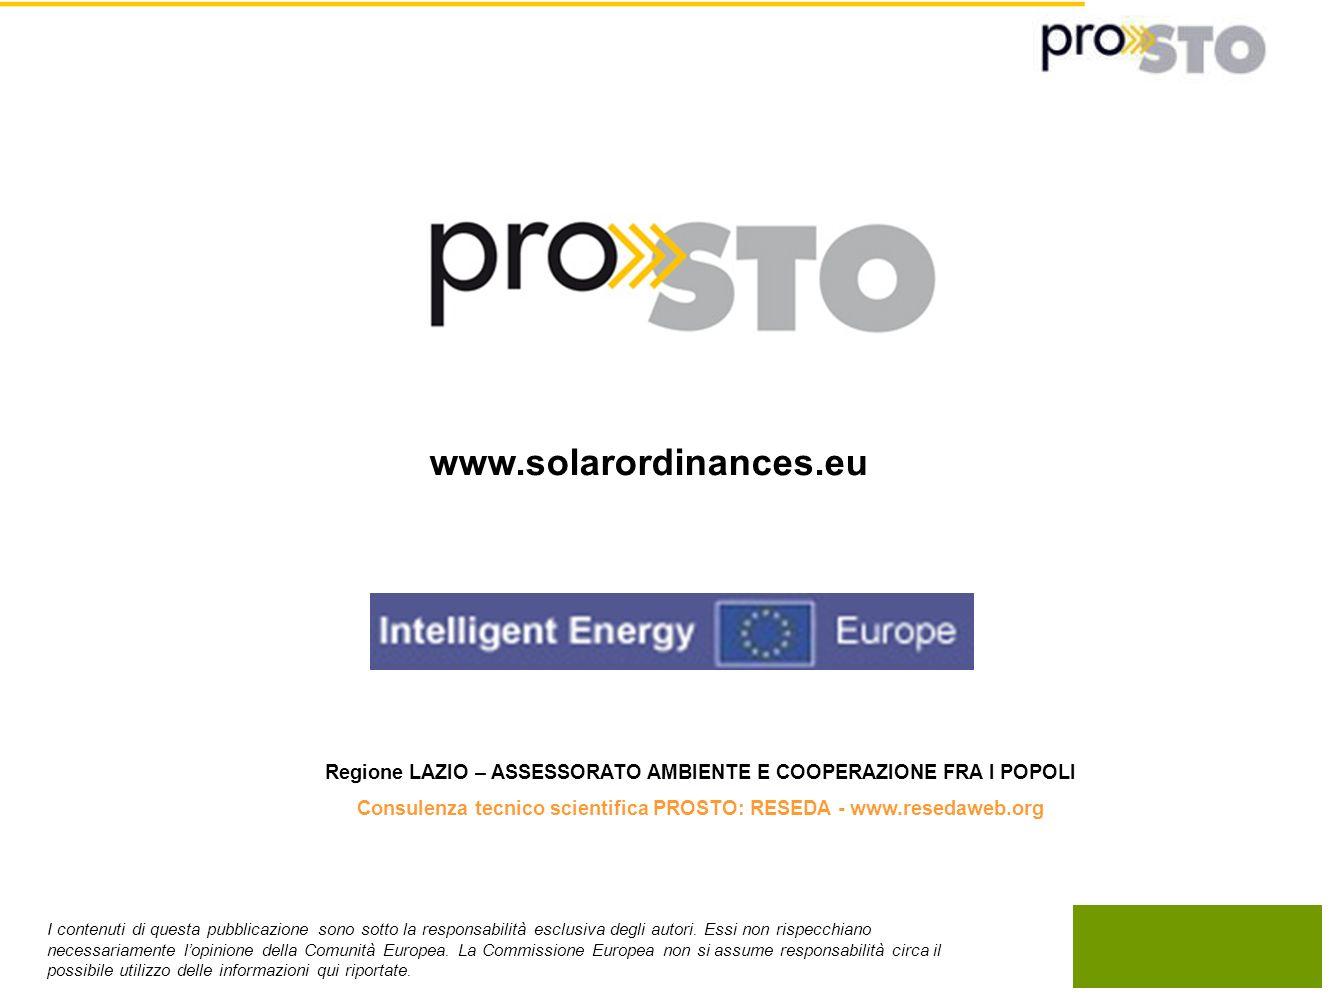 www.solarordinances.eu Regione LAZIO – ASSESSORATO AMBIENTE E COOPERAZIONE FRA I POPOLI.